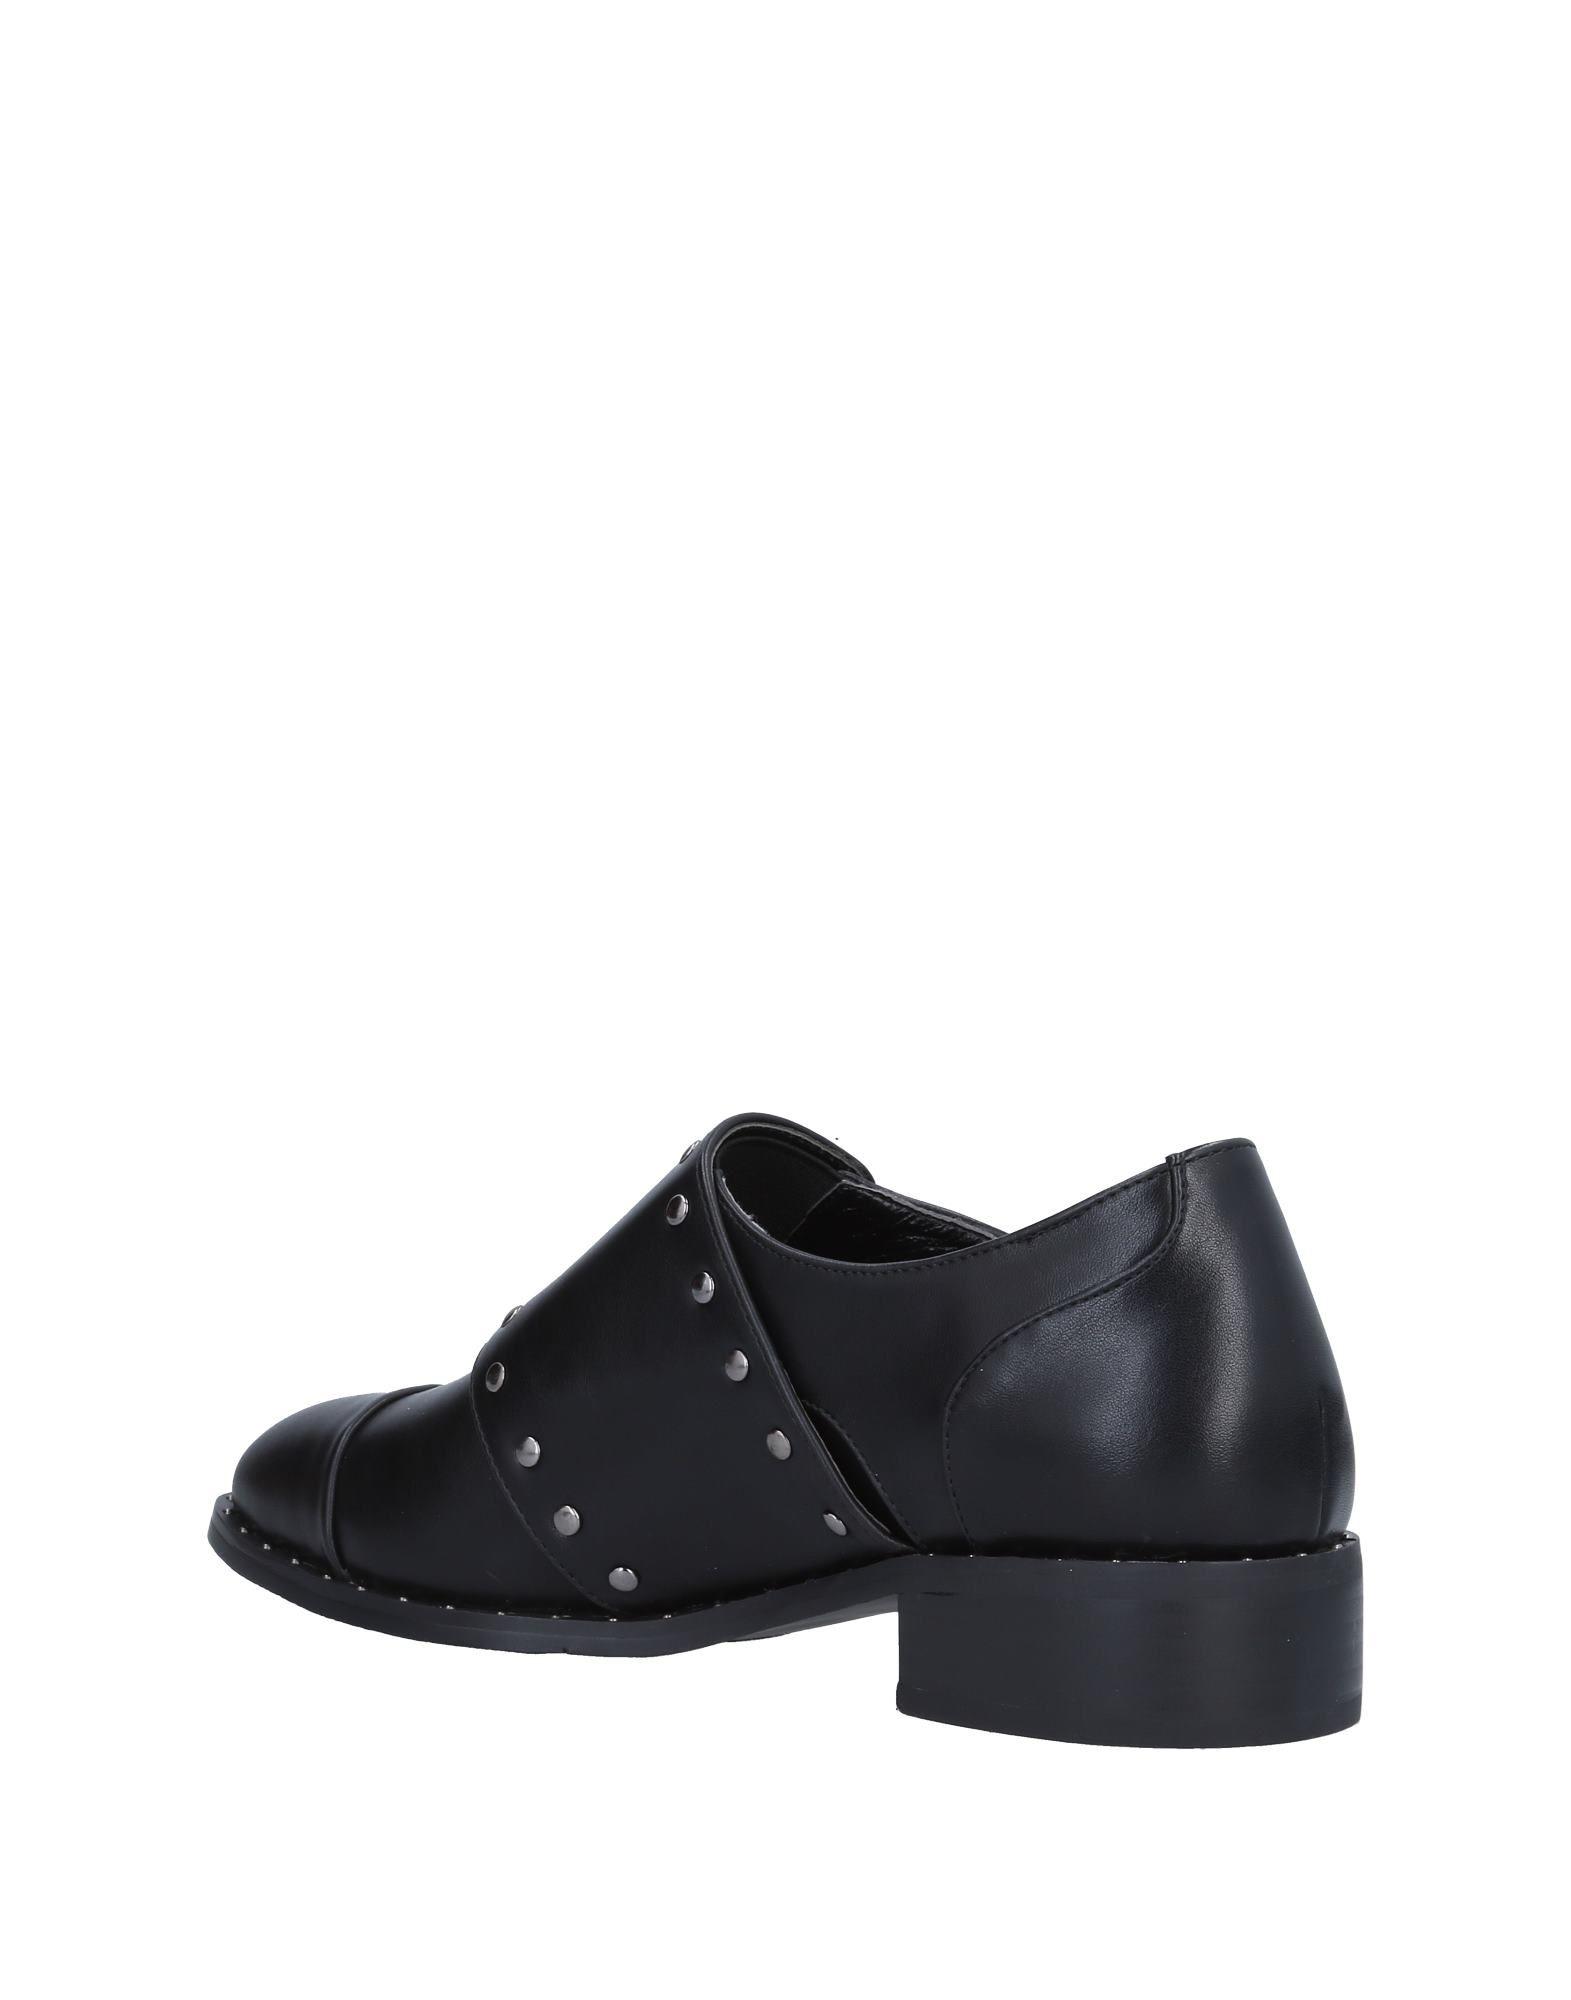 Vivien Lee Mokassins Damen  11495330EQ Gute Qualität beliebte Schuhe Schuhe beliebte cd1cbe